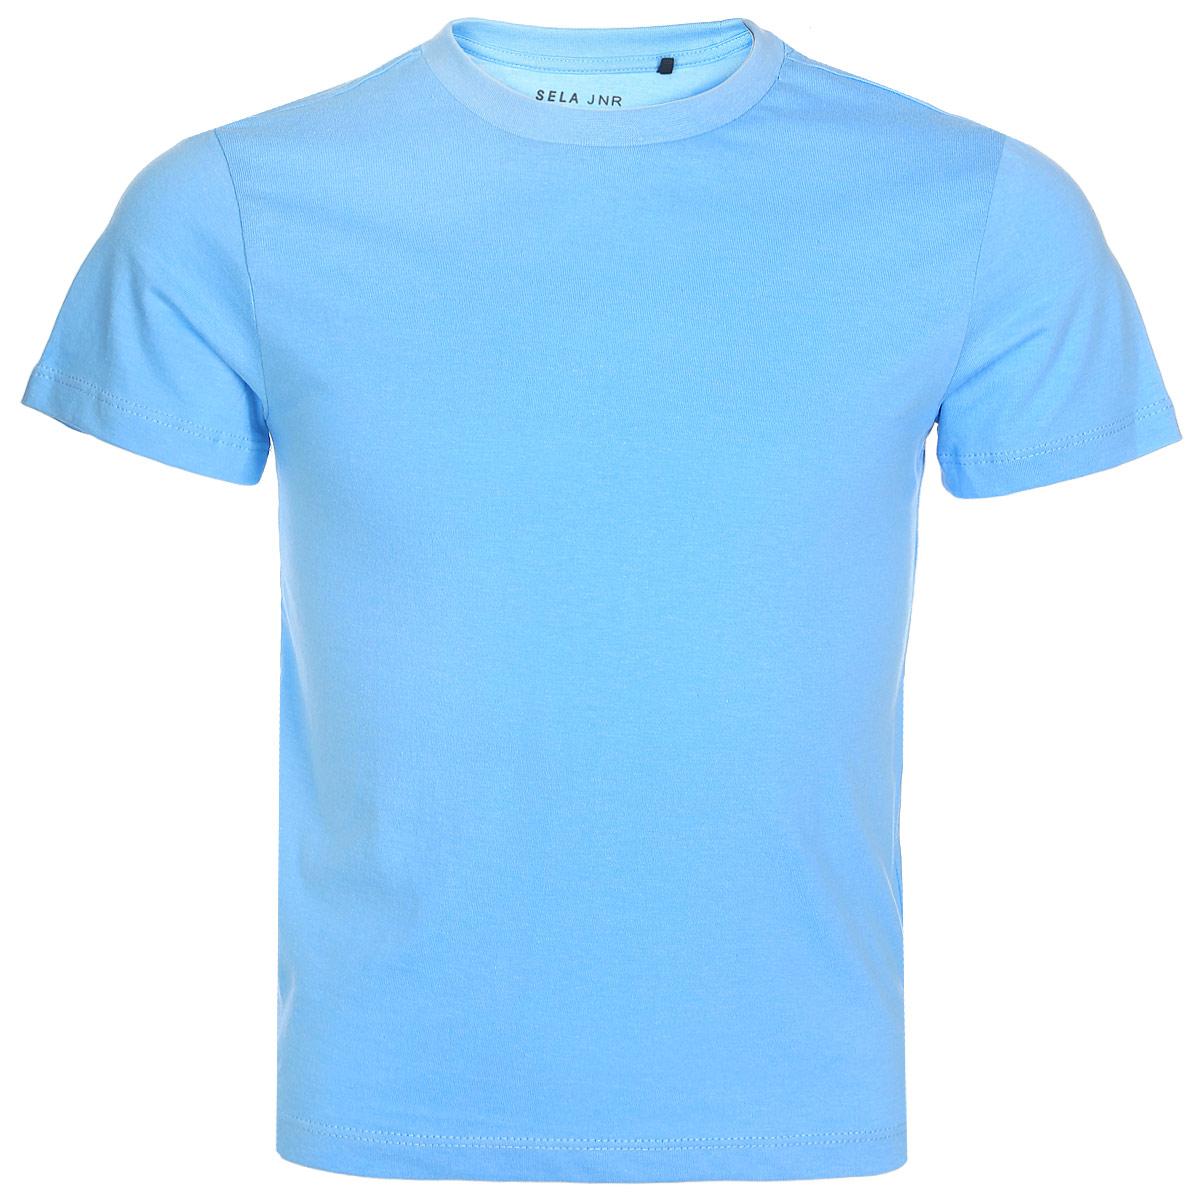 Футболка для мальчиков Sela, цвет: голубой. Ts-711/355-7341. Размер 92Ts-711/355-7341